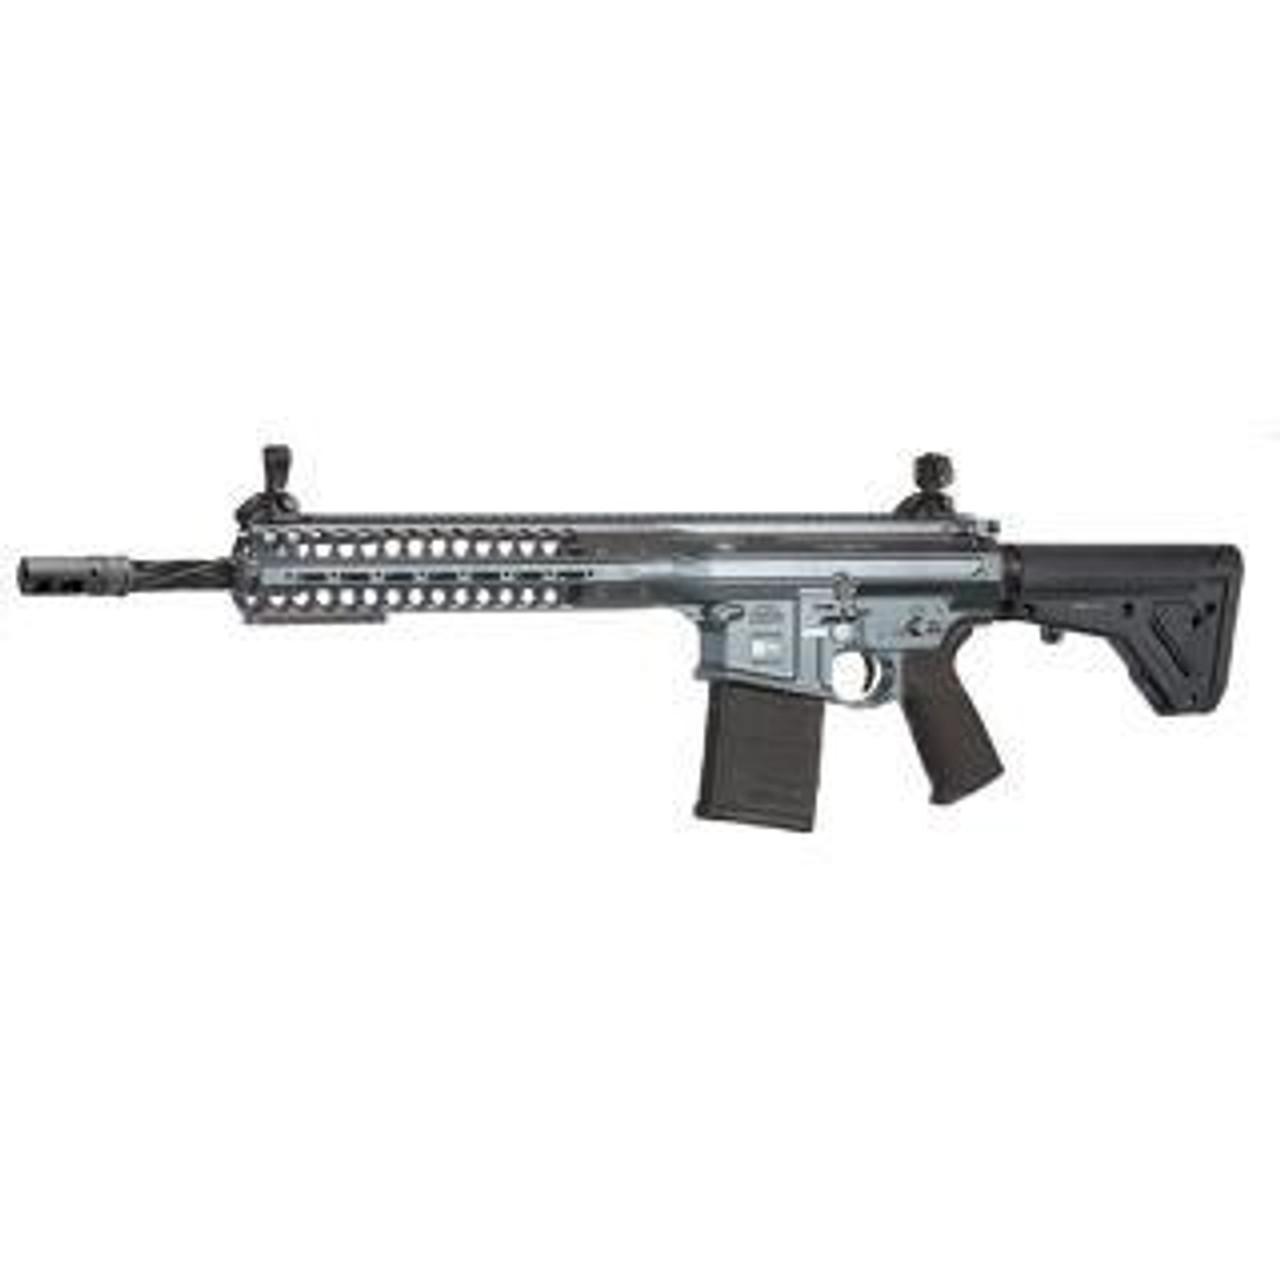 LWRC CSASS CALIFORNIA LEGAL - .308/7.62x51 - Sniper Gray